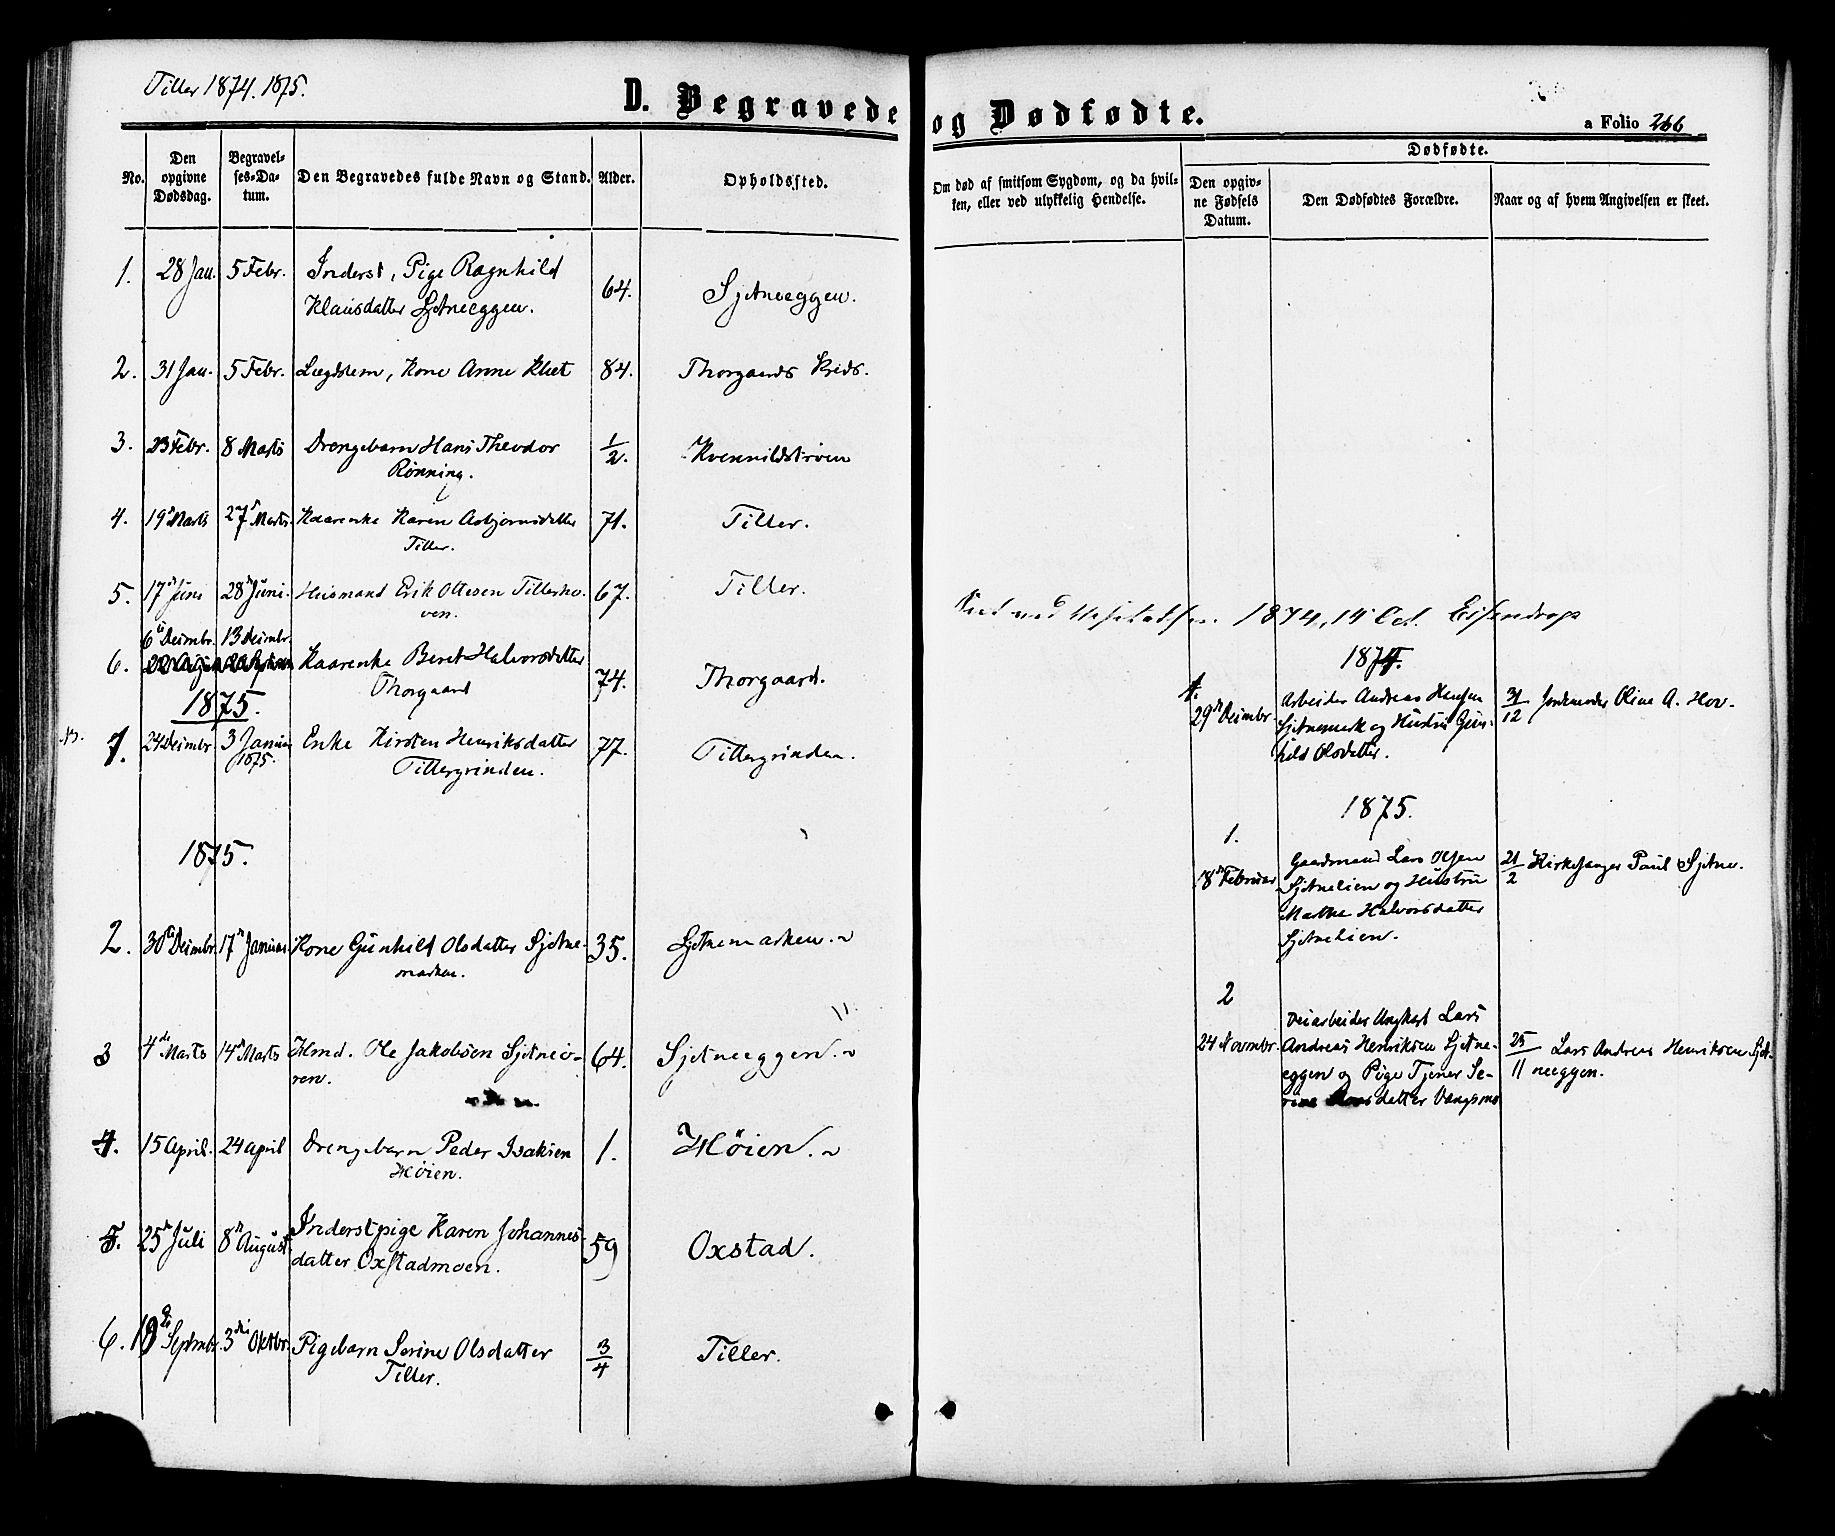 SAT, Ministerialprotokoller, klokkerbøker og fødselsregistre - Sør-Trøndelag, 618/L0443: Ministerialbok nr. 618A06 /2, 1863-1879, s. 266